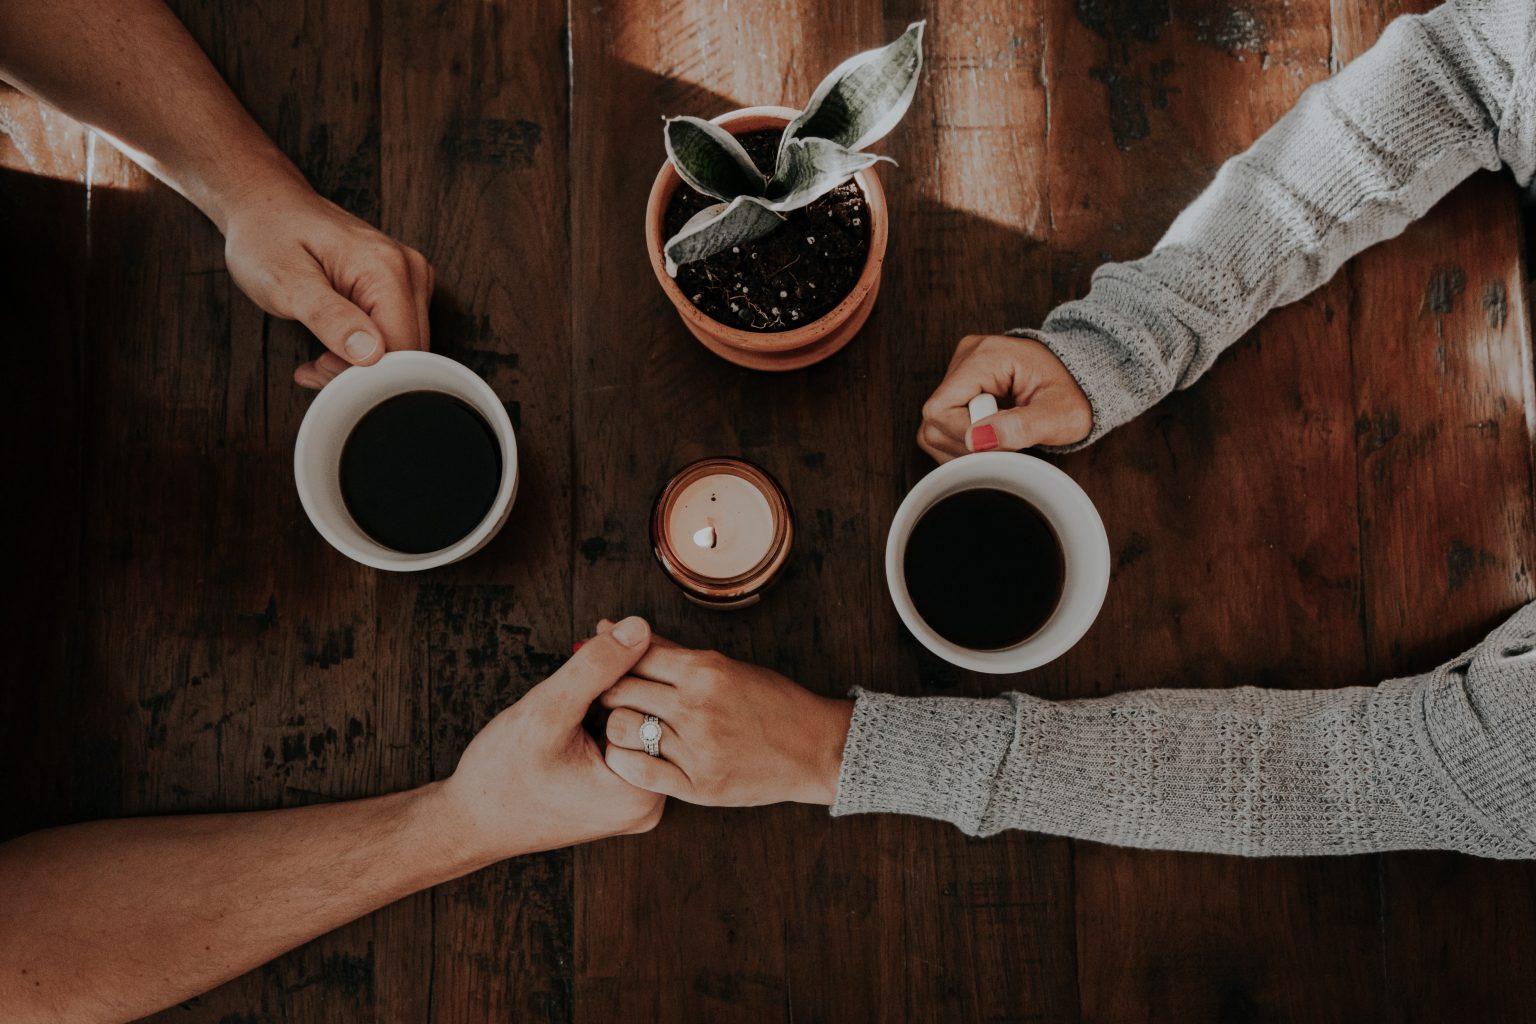 一個沙盤,改變與家人之間的關係